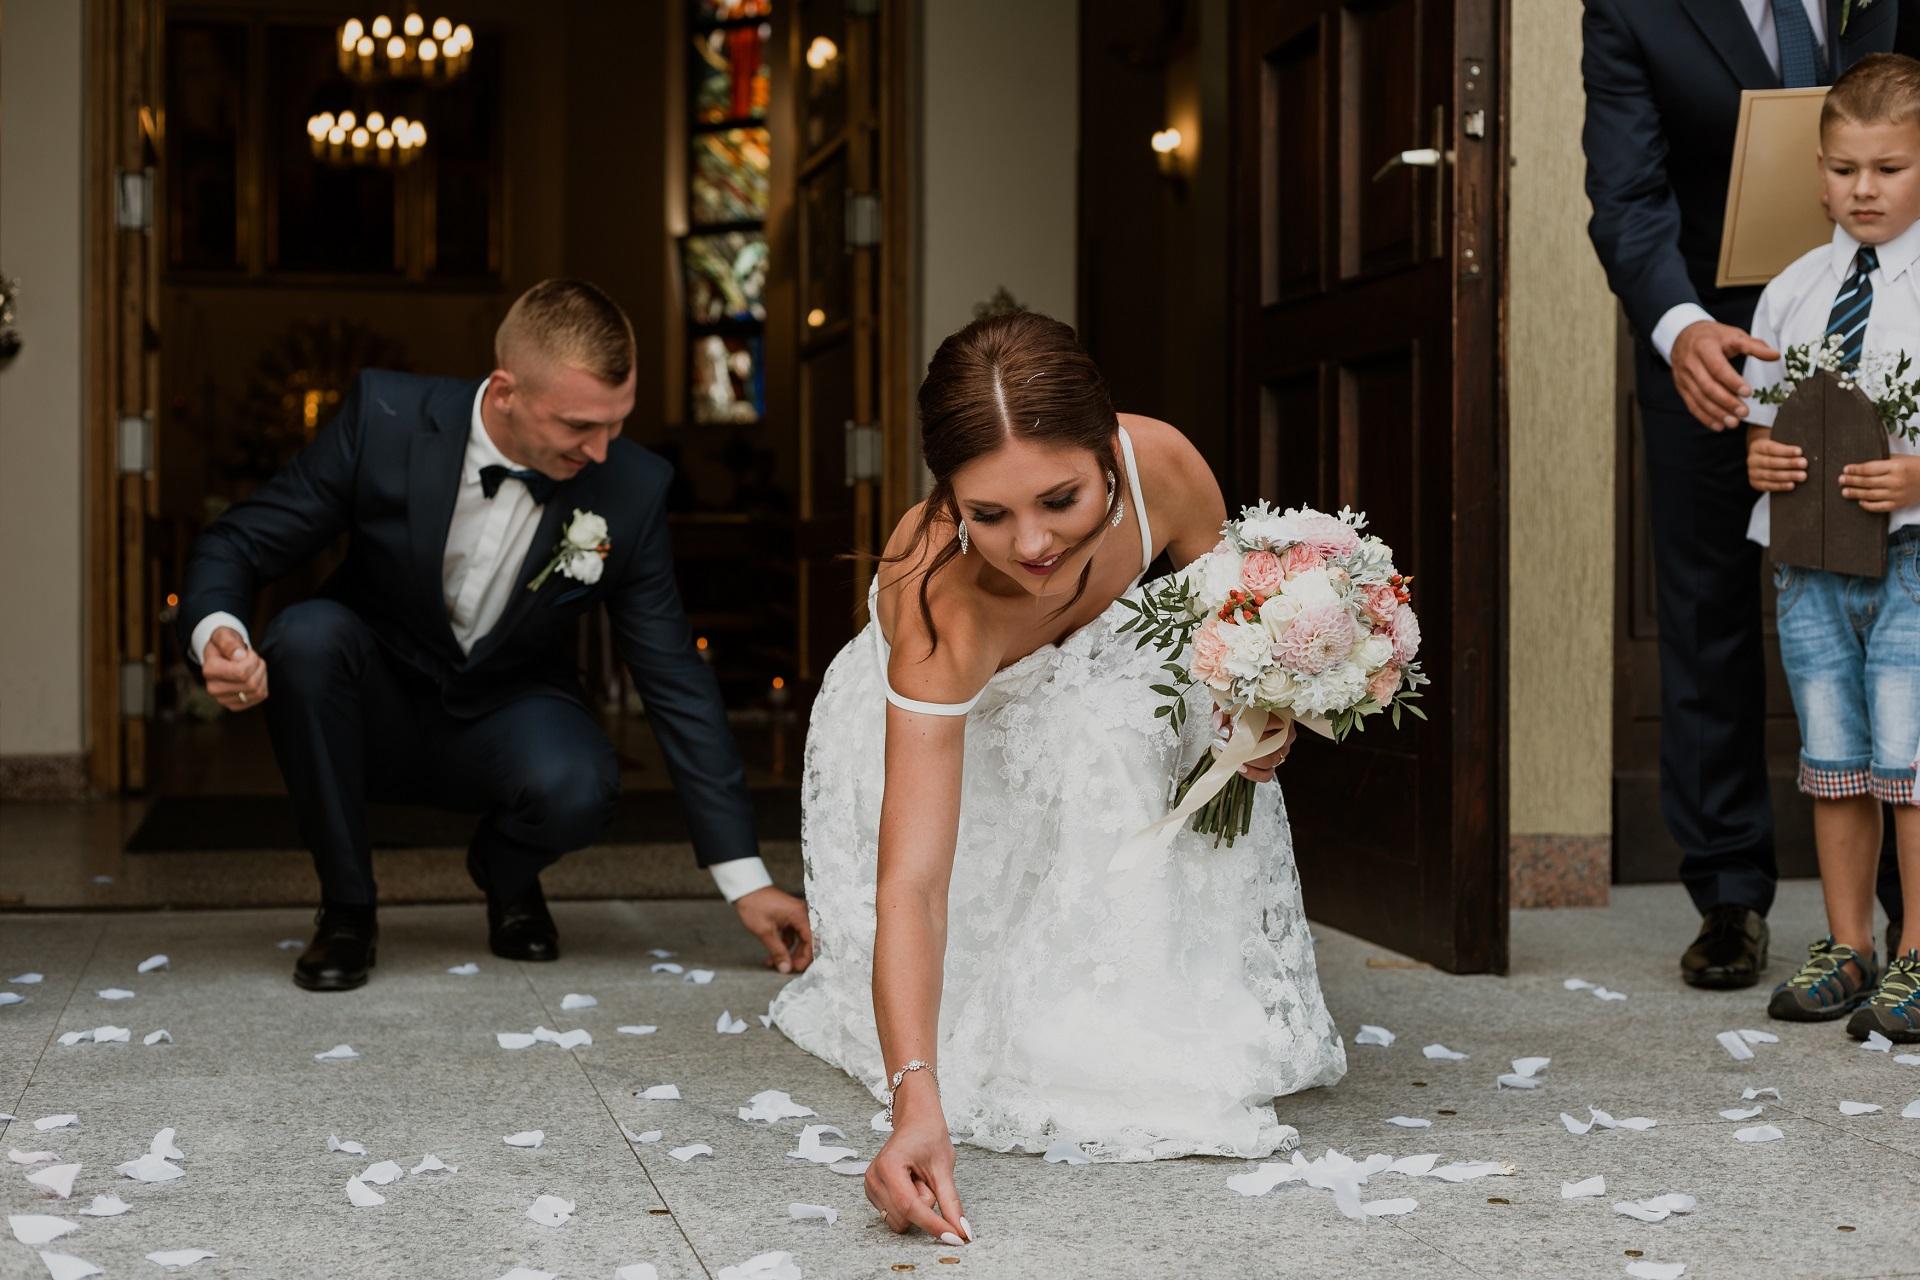 Przebieg Ceremonii Zaślubin Jak To Wygląda W Praktyce